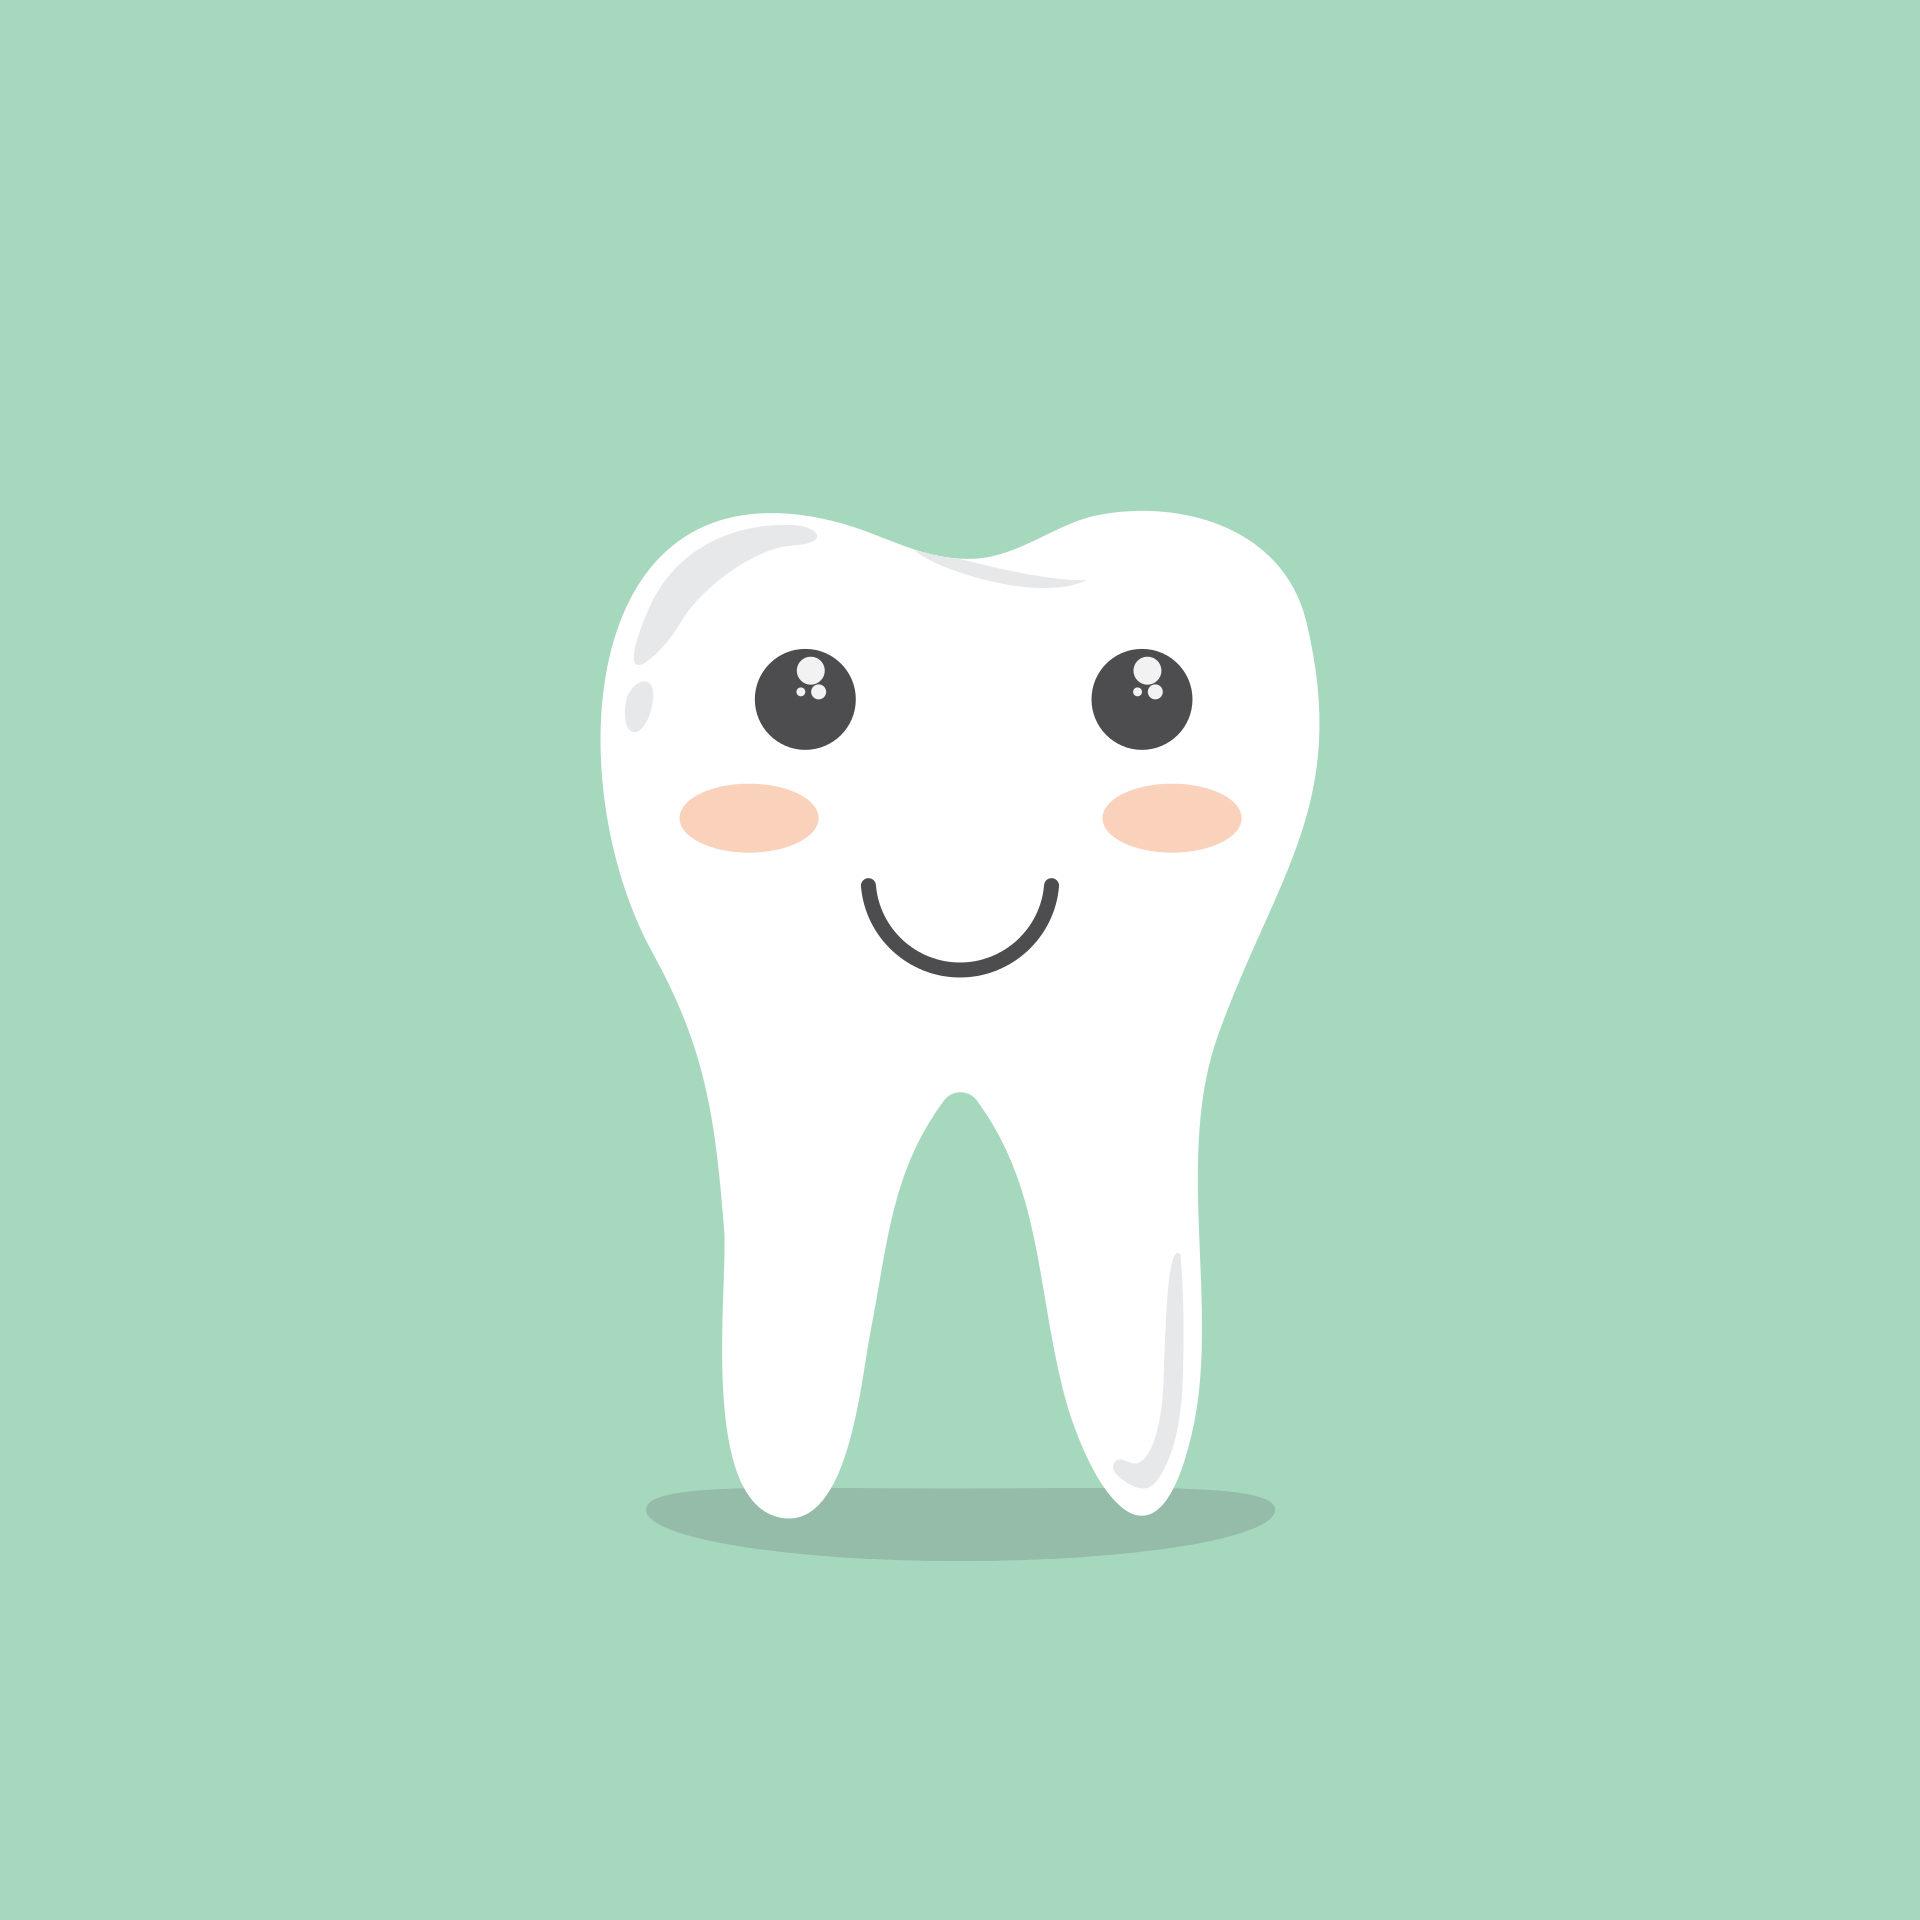 зуб, улыбка, глаза, шлифовальные круги, карикатура - Обои HD - Профессор falken.com